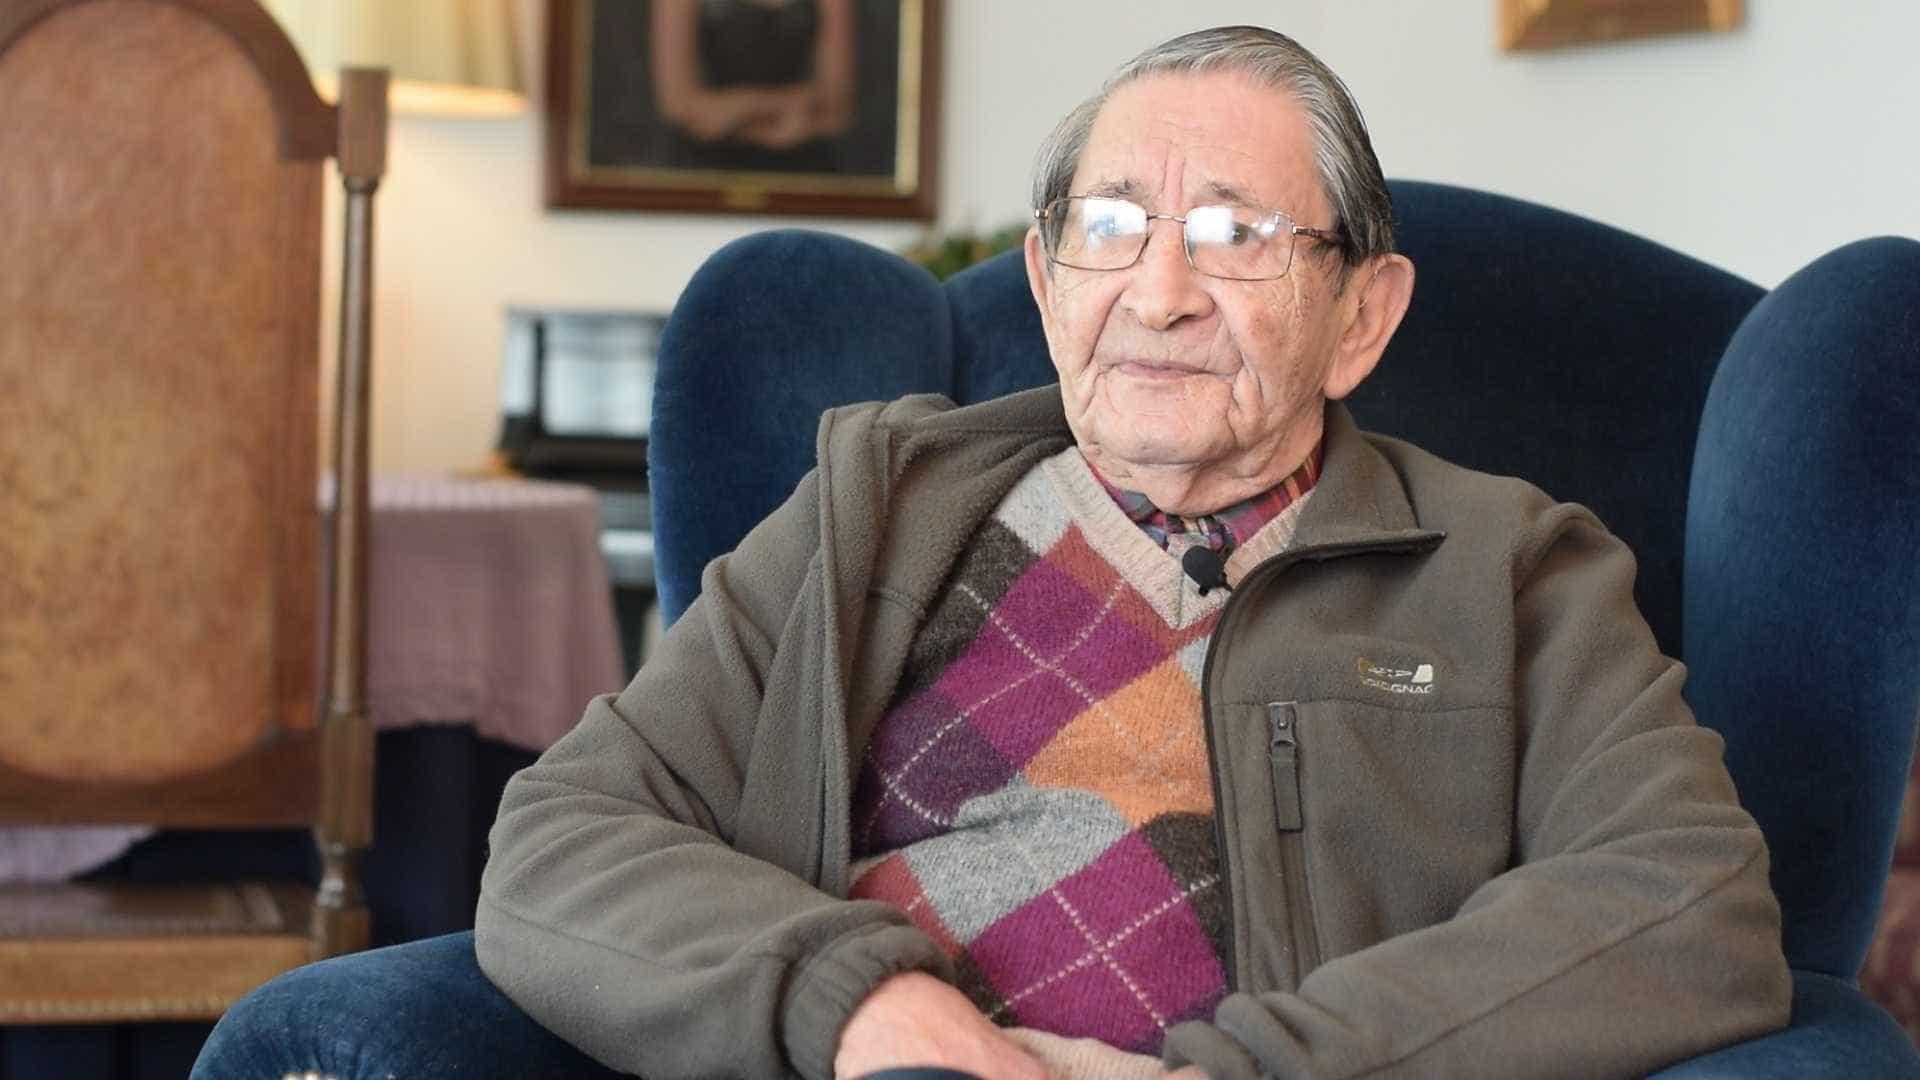 Morreu o ex-jornalista da RTP Fernando Midões. Tinha 86 anos